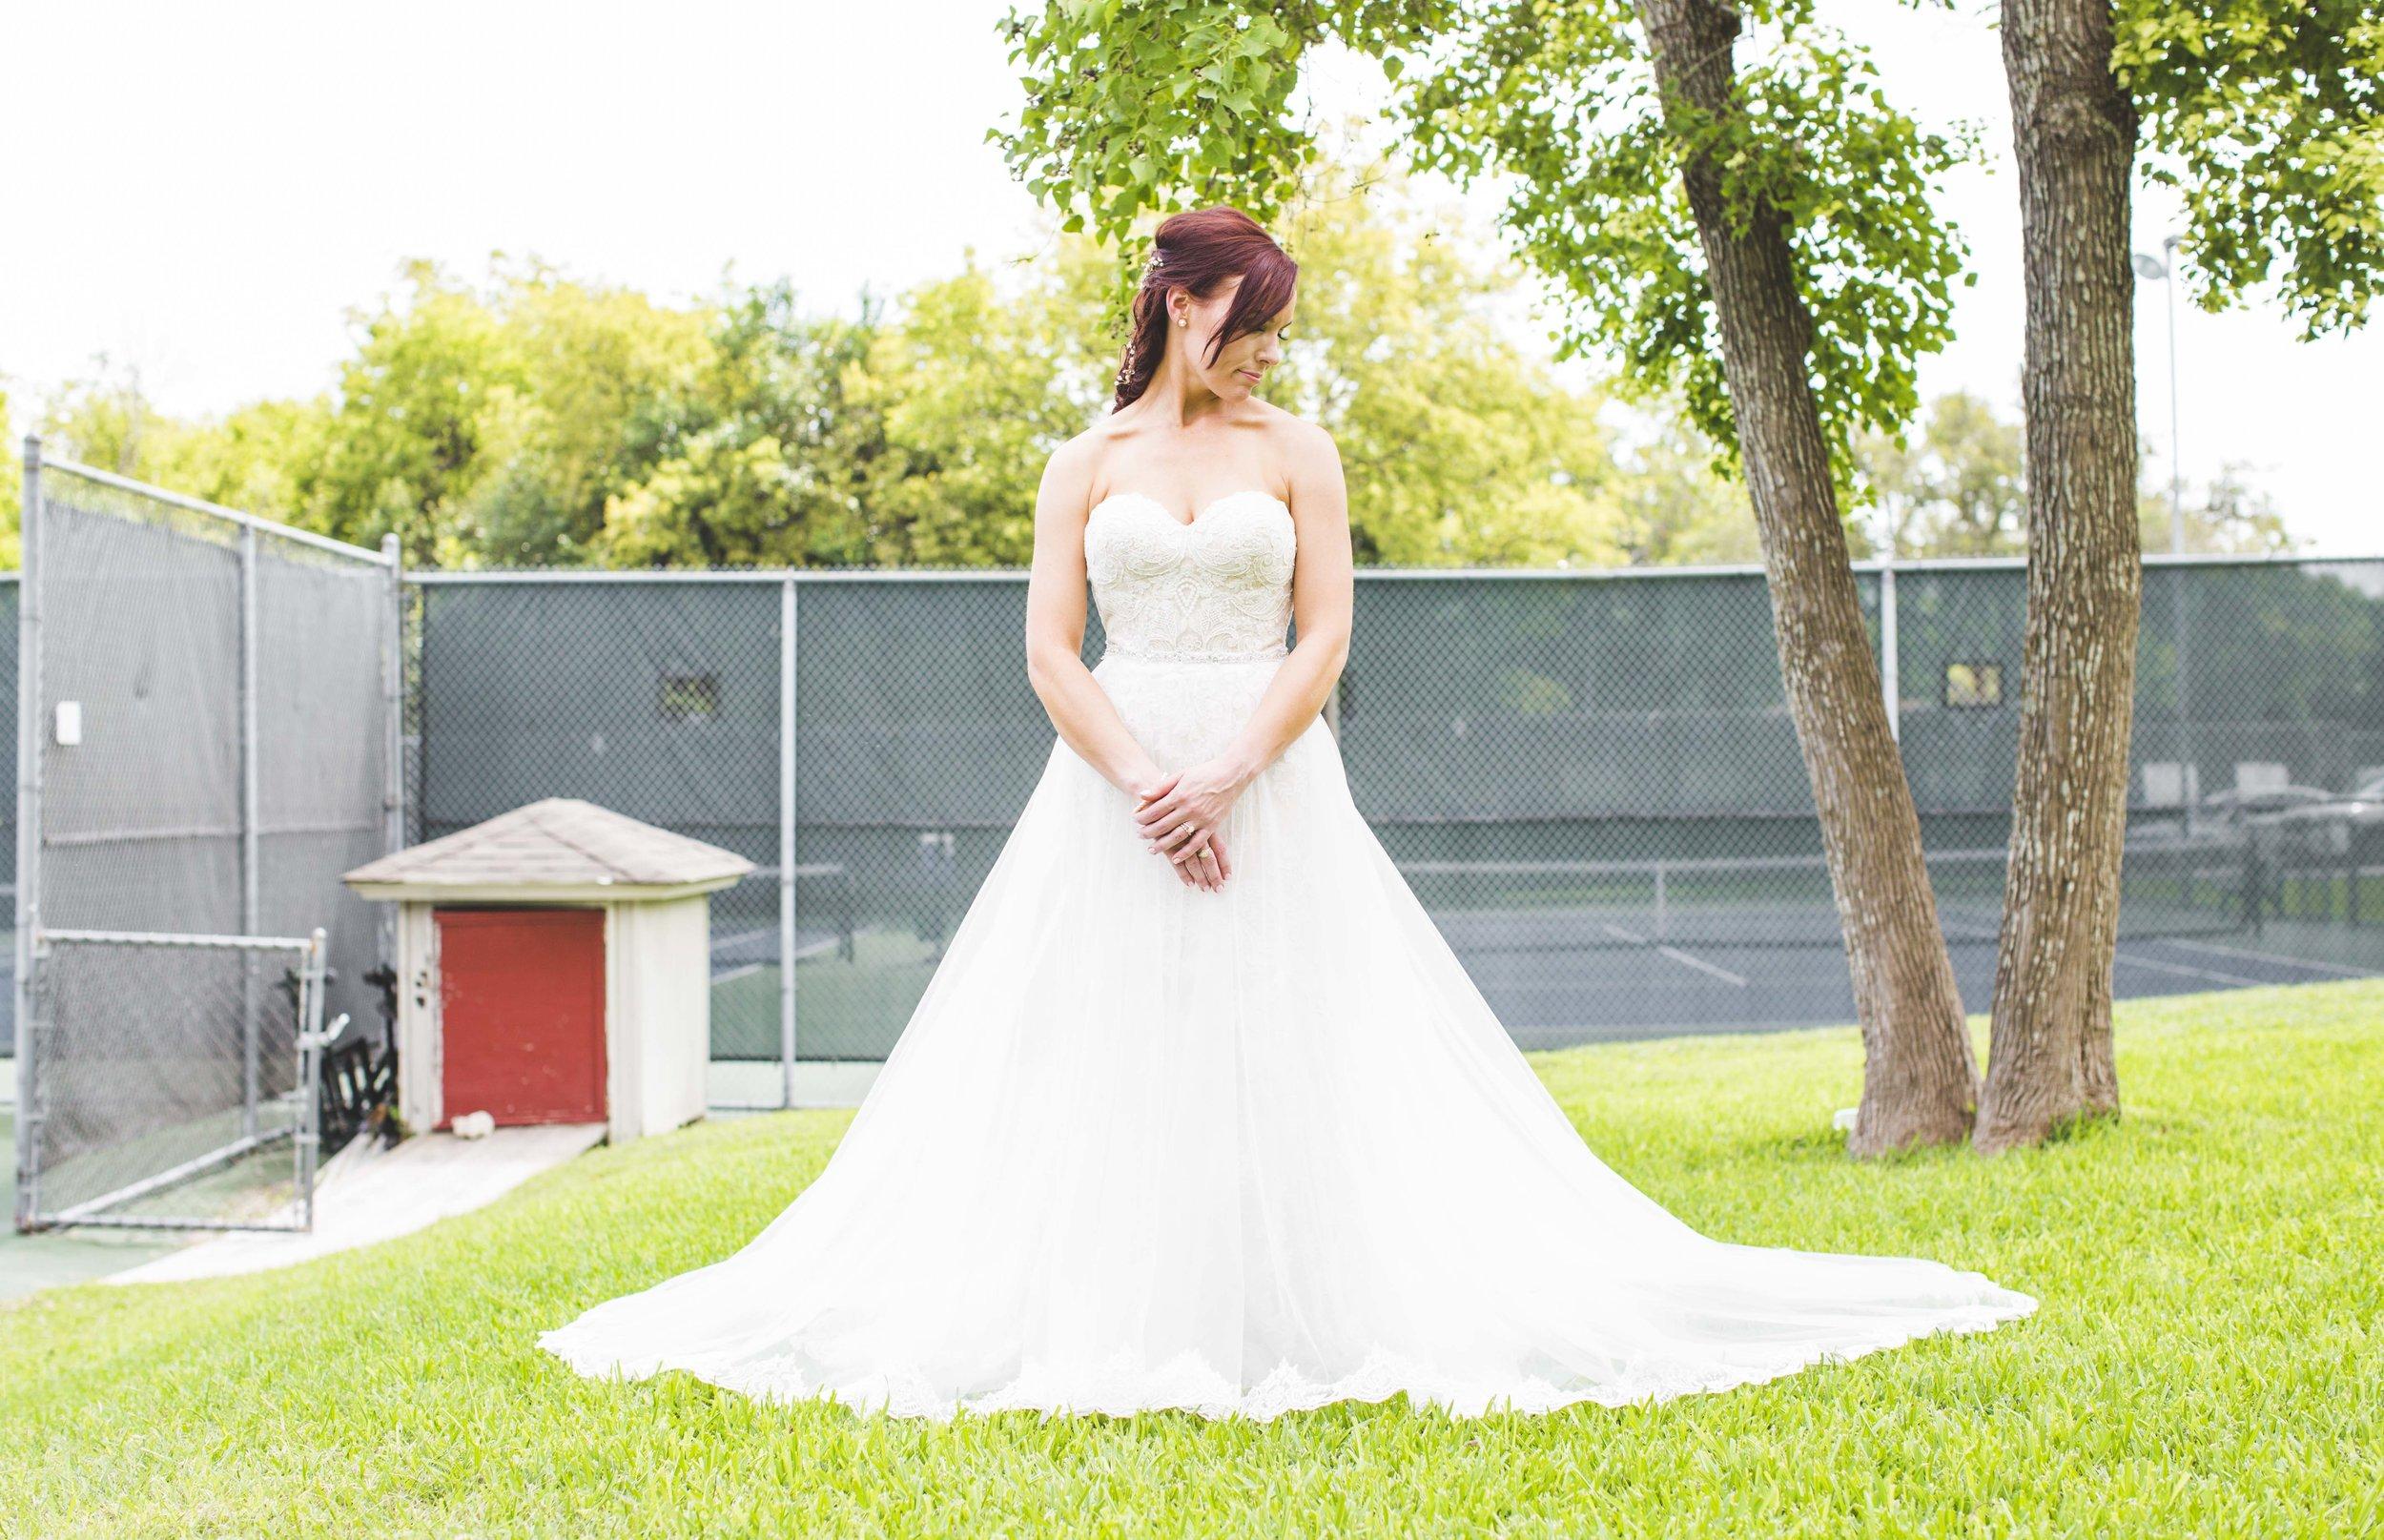 ATGI_Susanna & Matt Wedding_717A8376.jpg